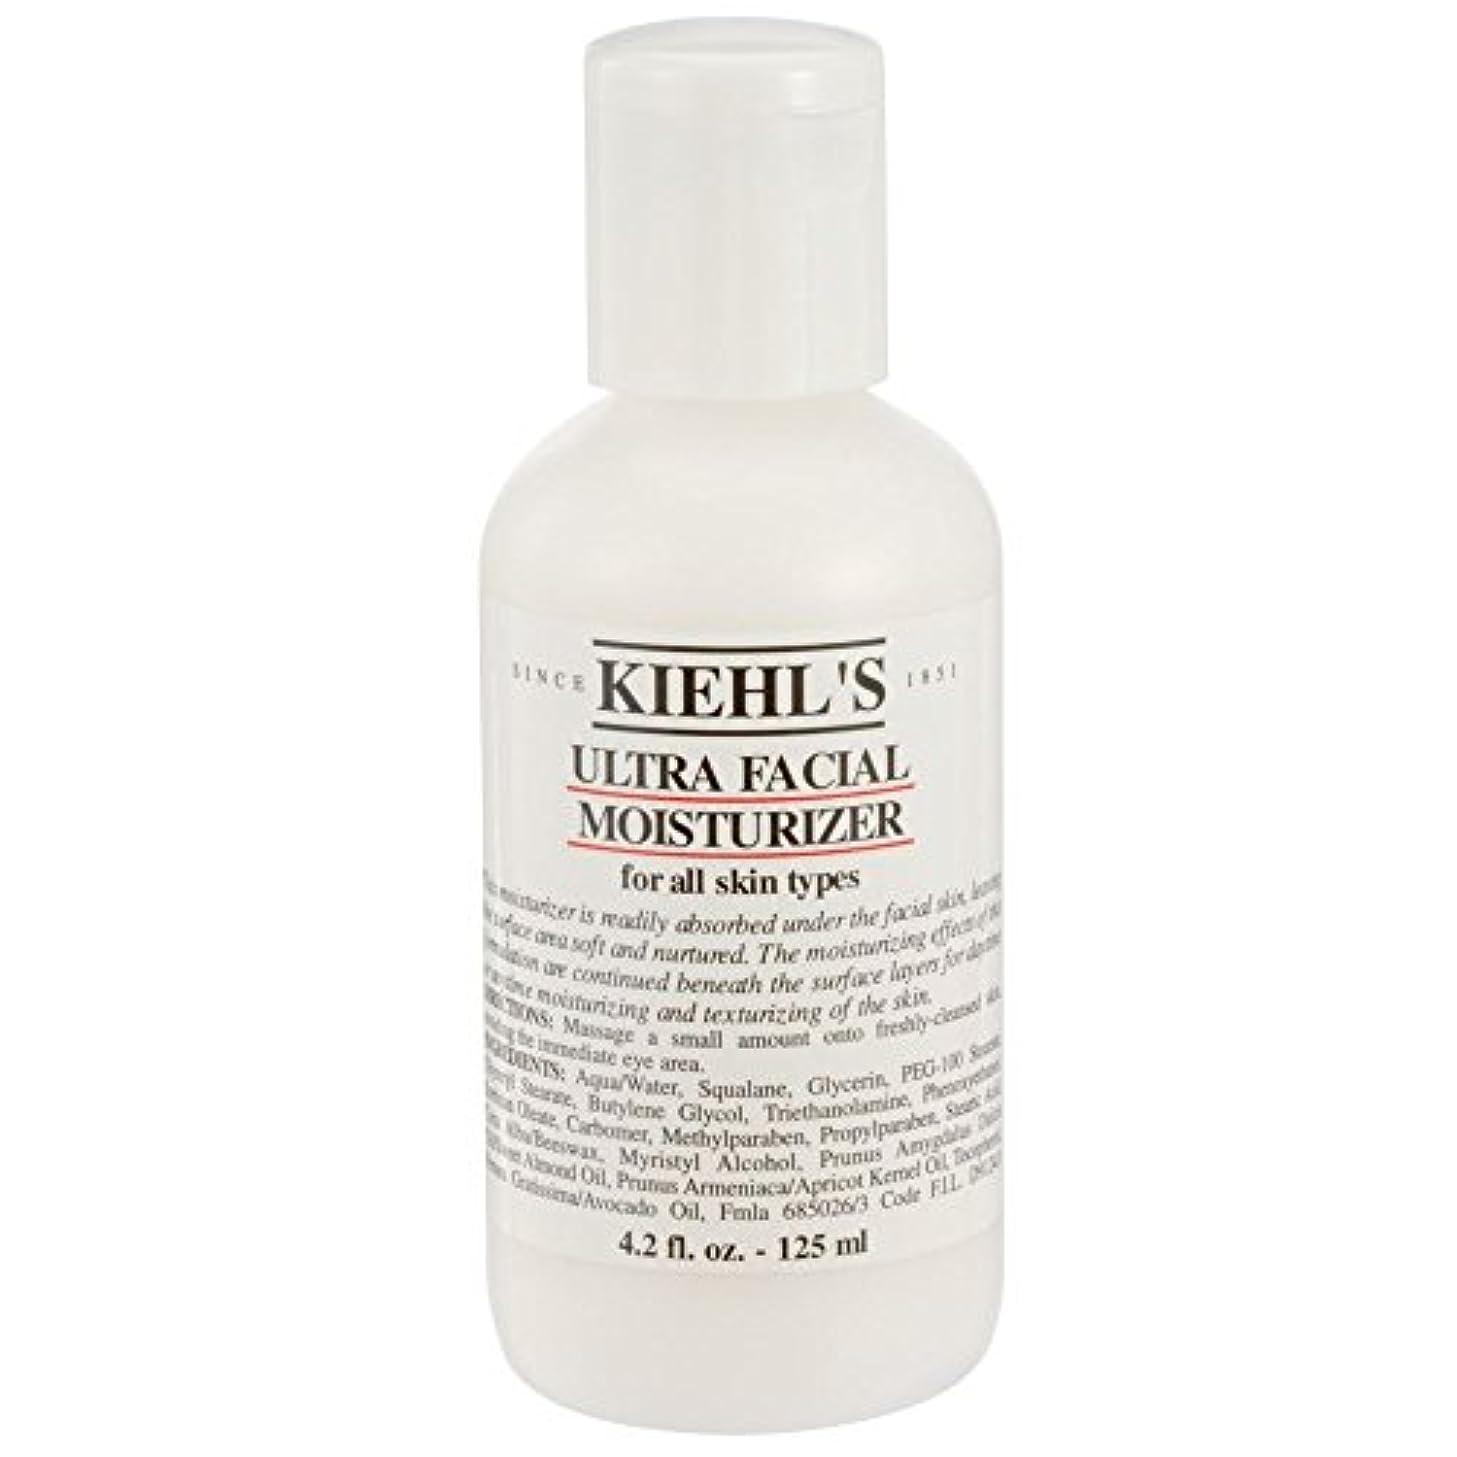 アクロバット発行するフロント[Kiehl's] キールズウルトラ顔の保湿剤の250ミリリットル - Kiehl's Ultra Facial Moisturiser 250ml [並行輸入品]